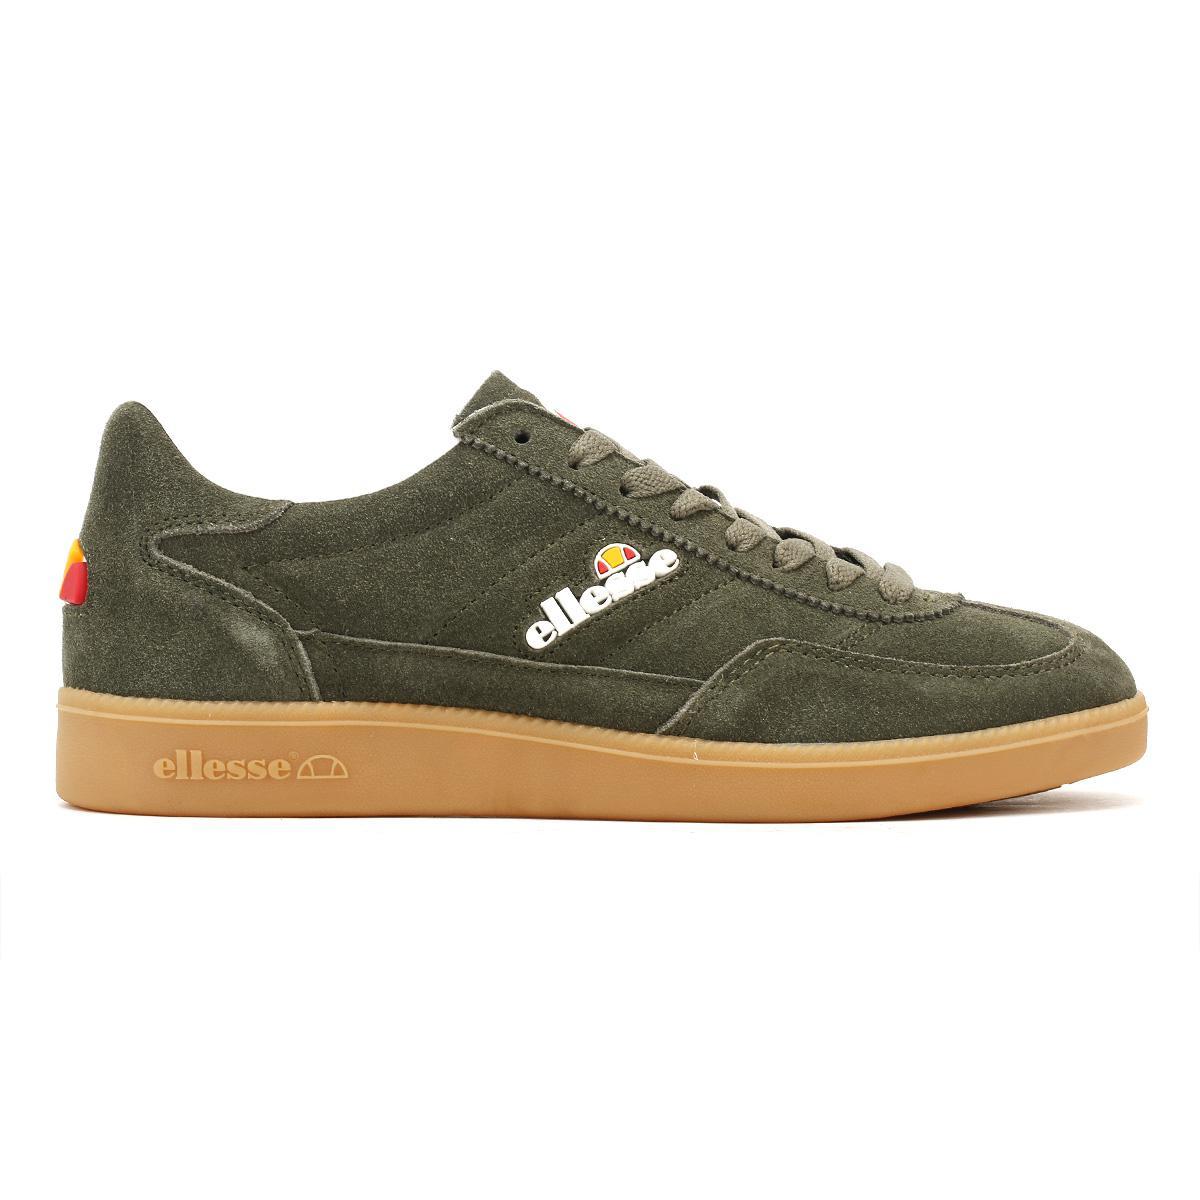 Asics Flat Sole Shoes